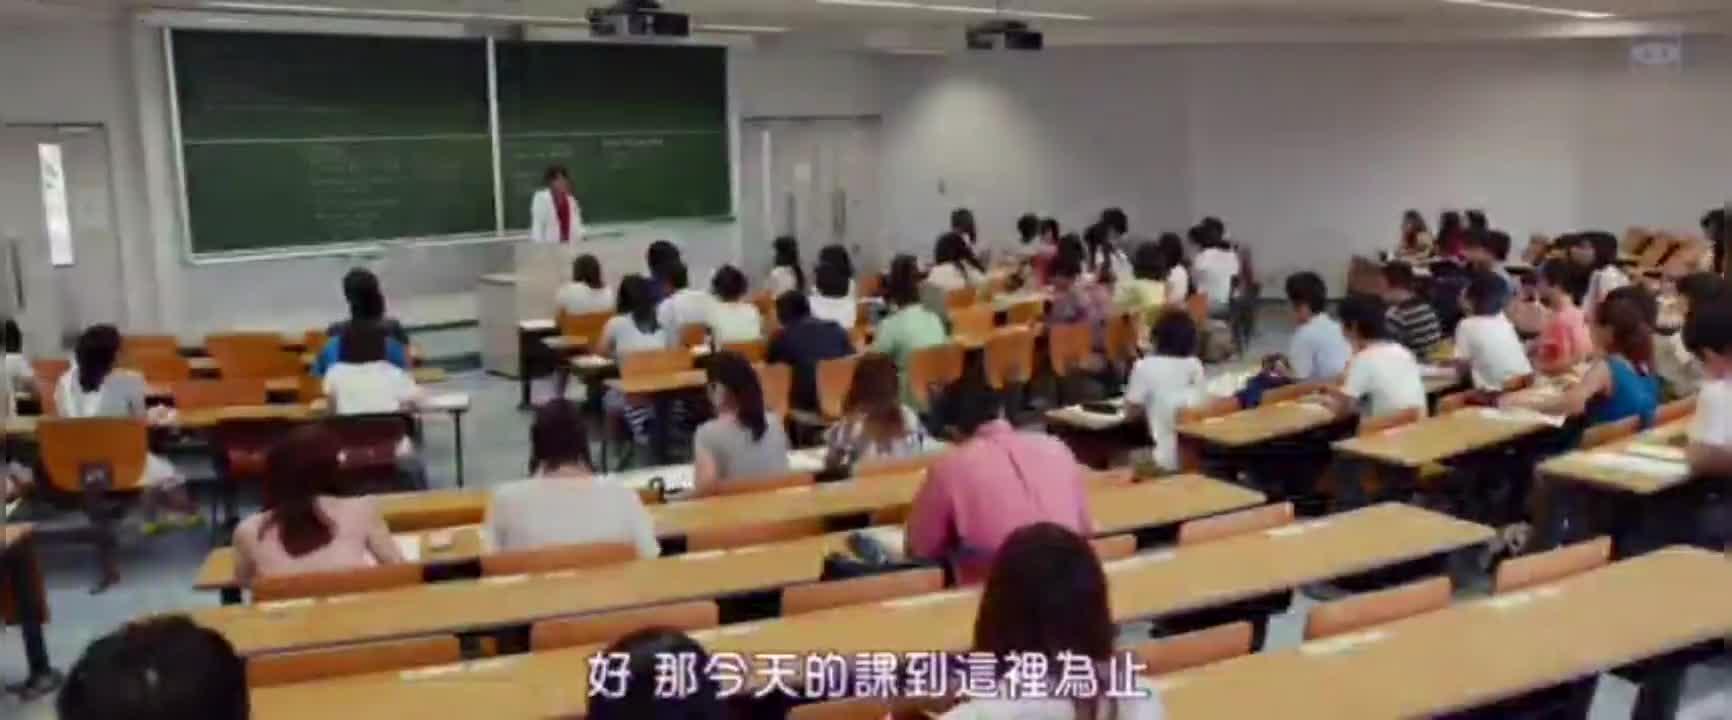 女老师办公室对男学生表白, 浓浓的鬼子风格